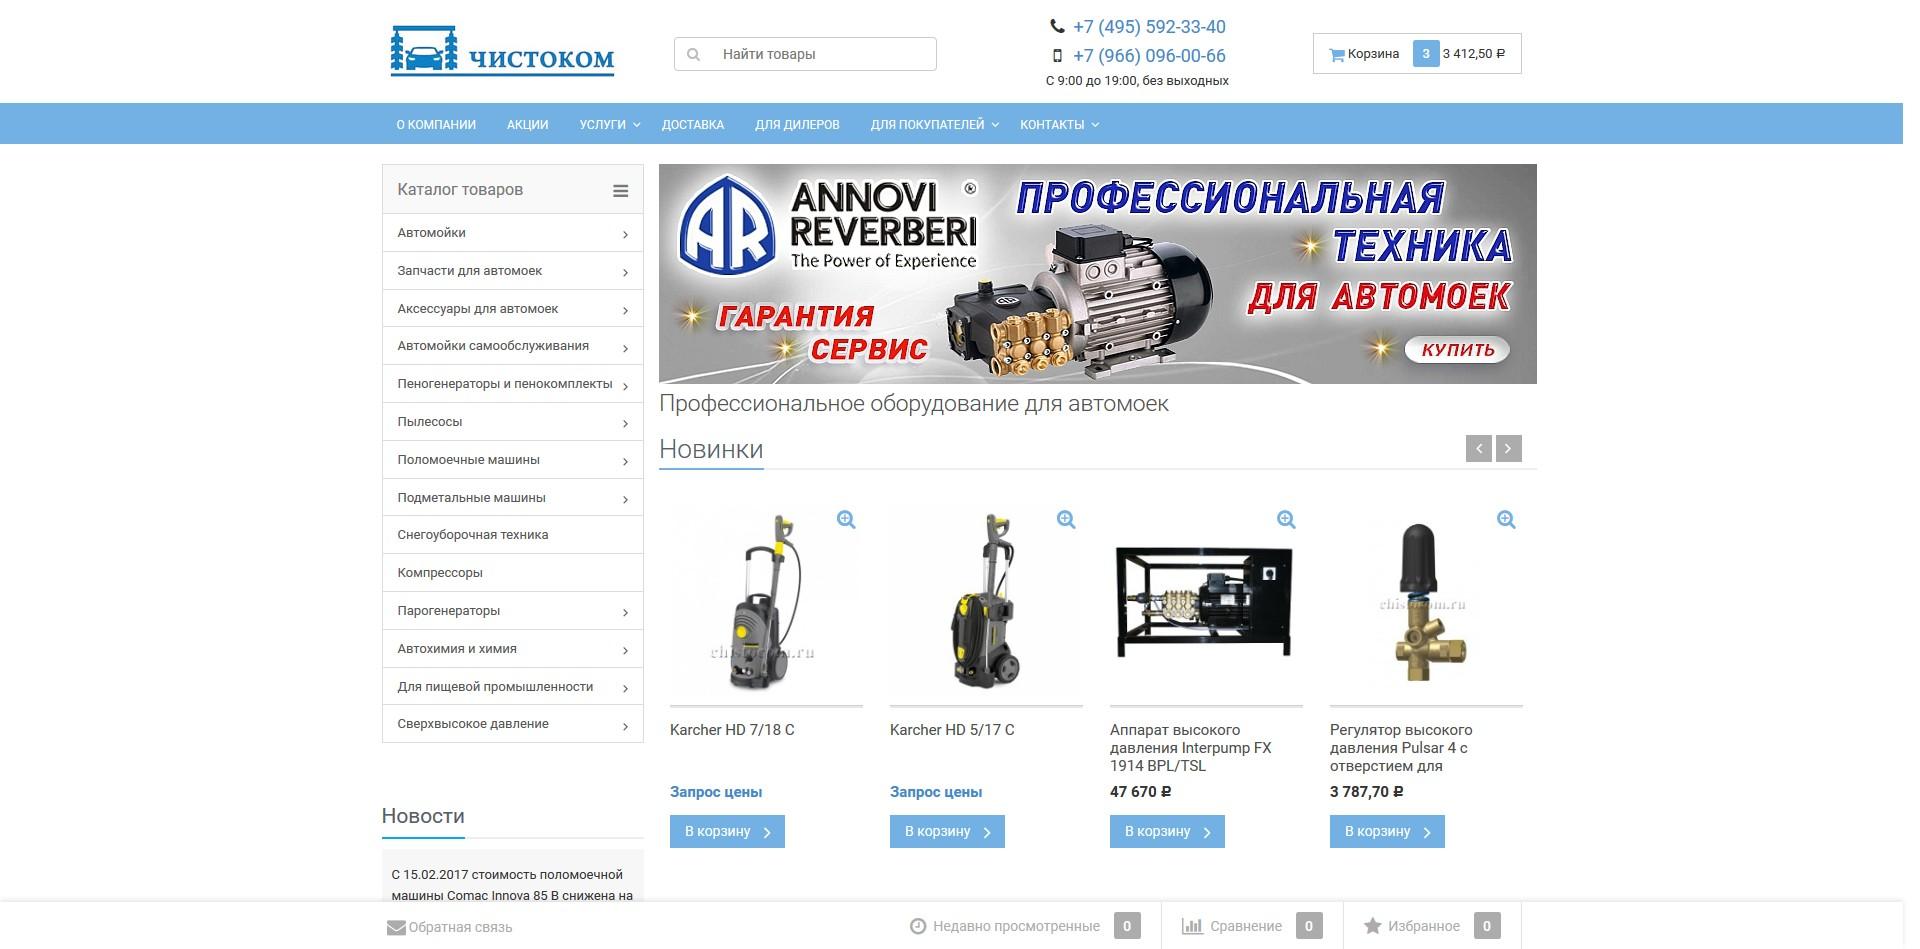 Скриншот: работа по созданию Интернет-магазина chistocom.ru